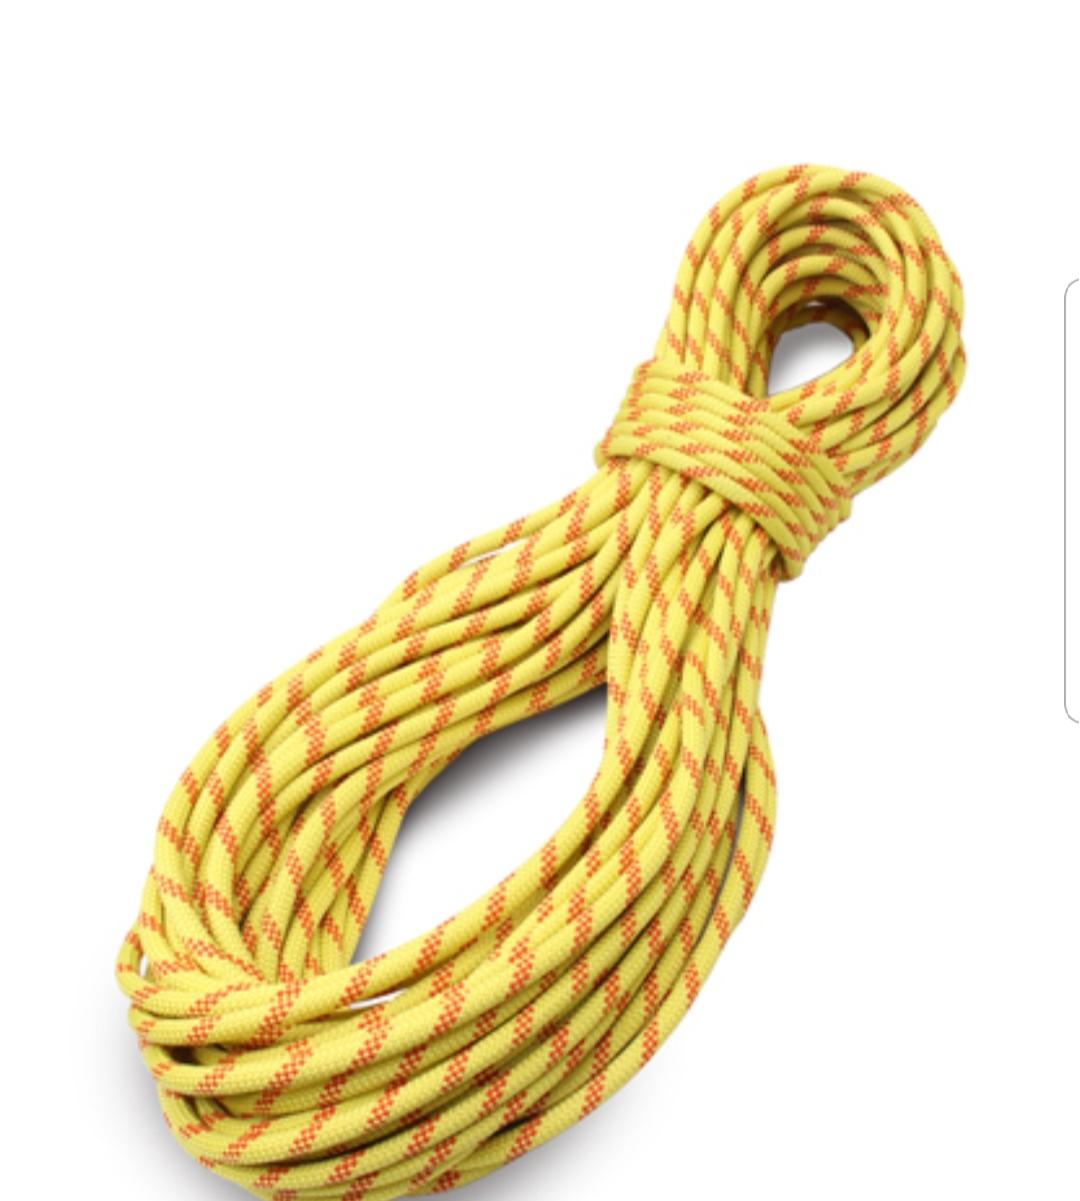 """חבל 11 מ""""מ סטטי  Tendon צבע צהוב - מחיר למטר"""